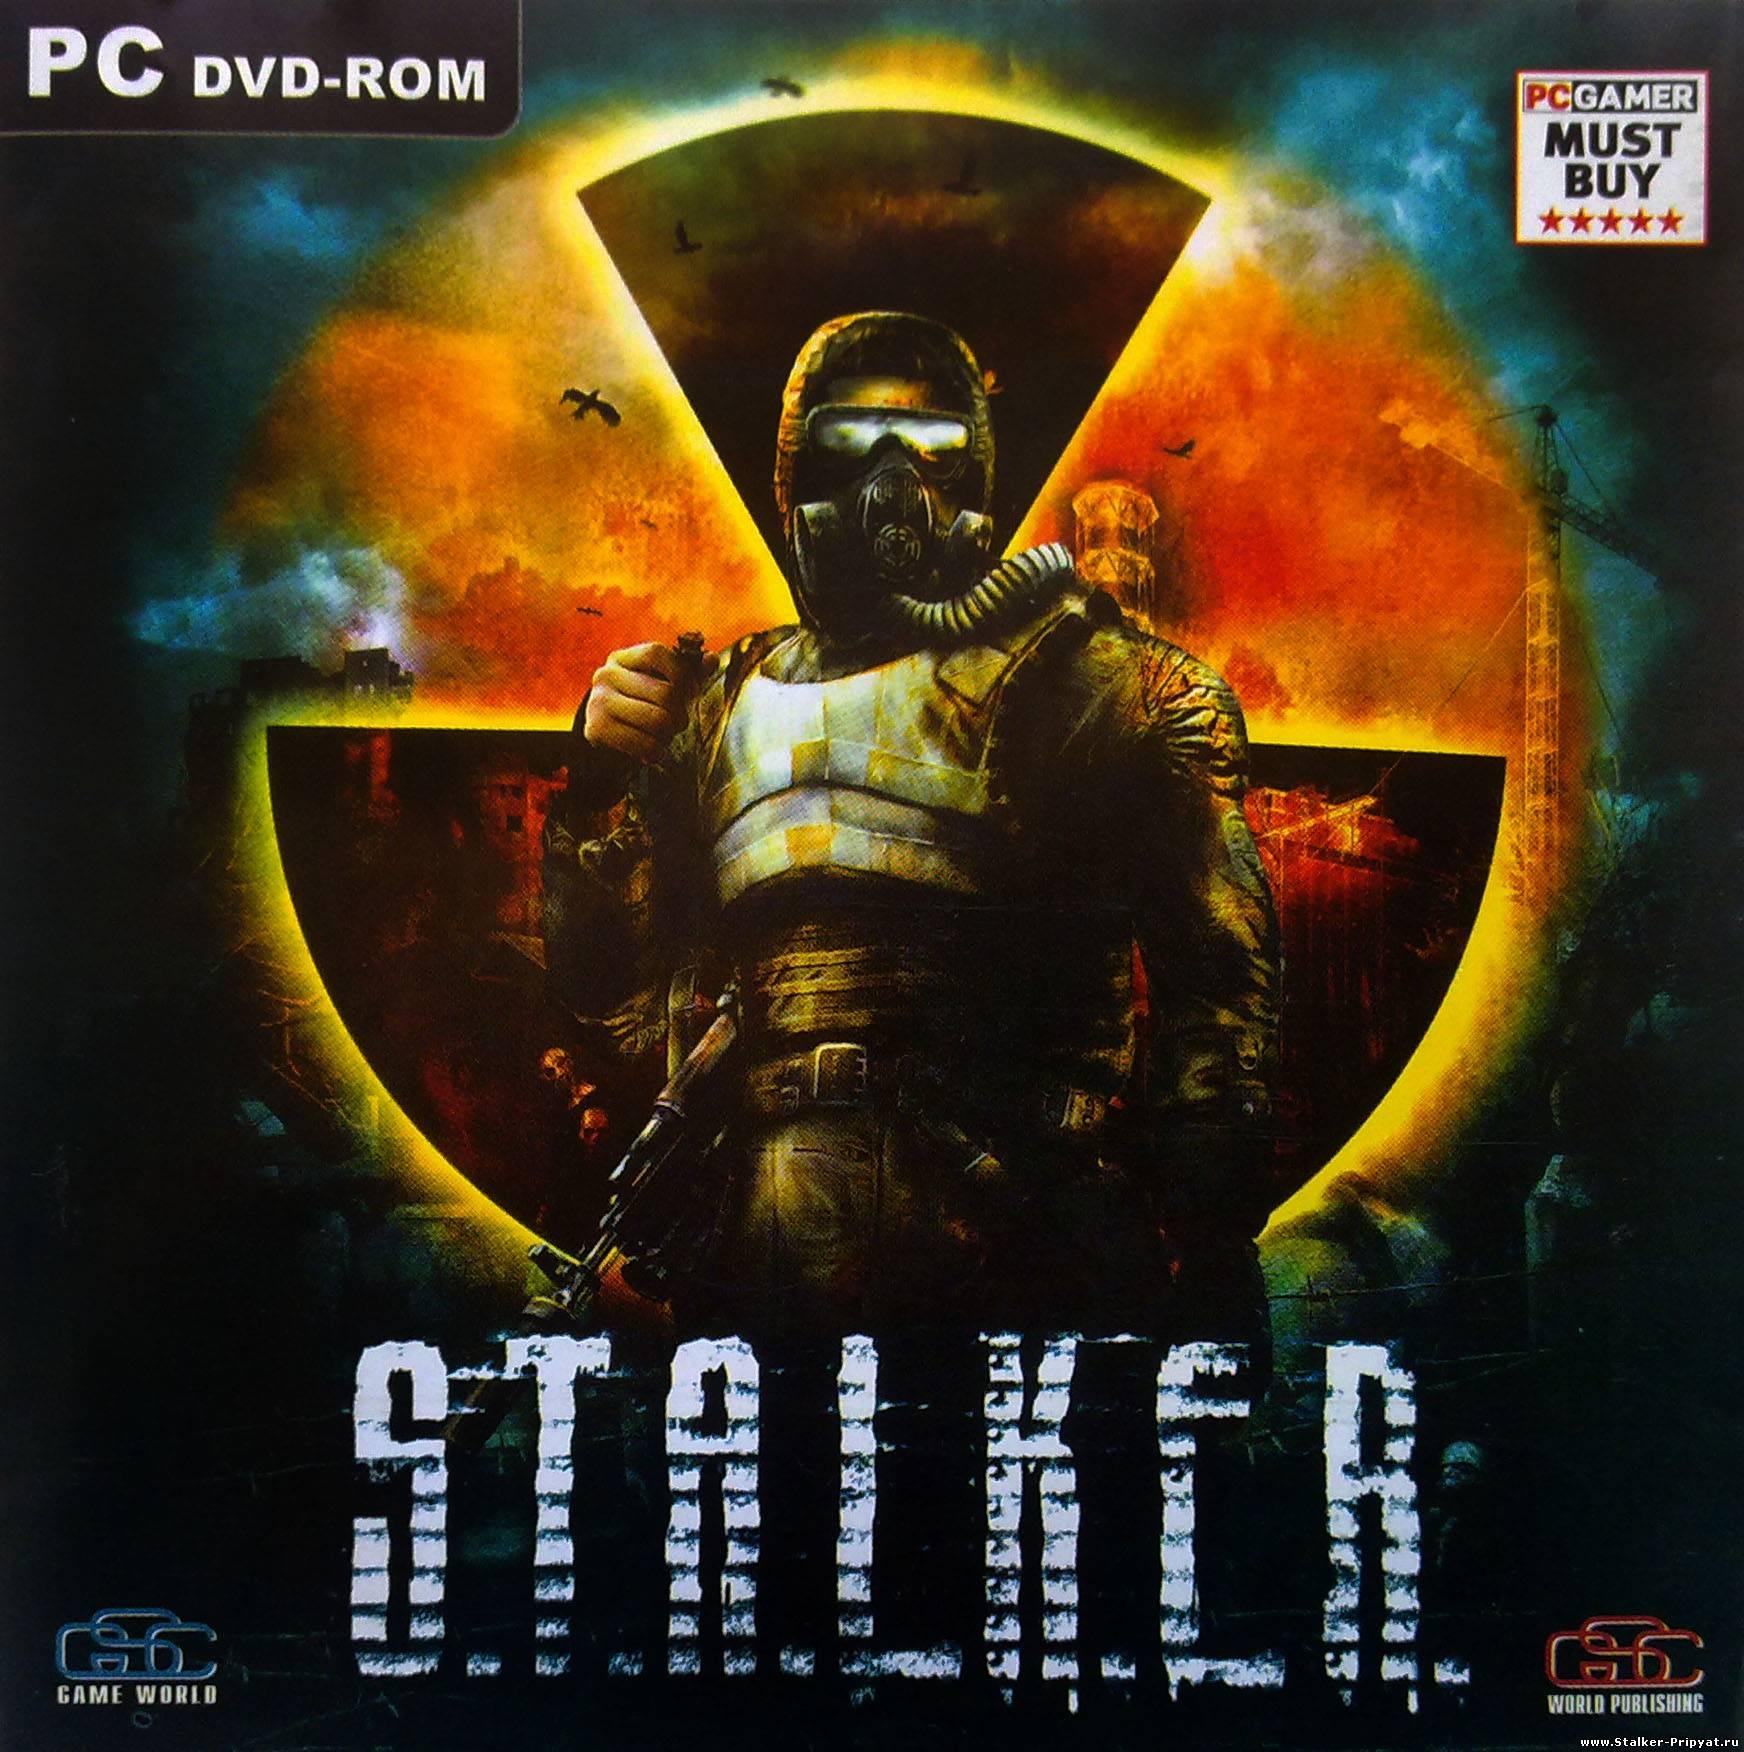 Скачать игру s. T. A. L. K. E. R. : тень чернобыля через торрент.